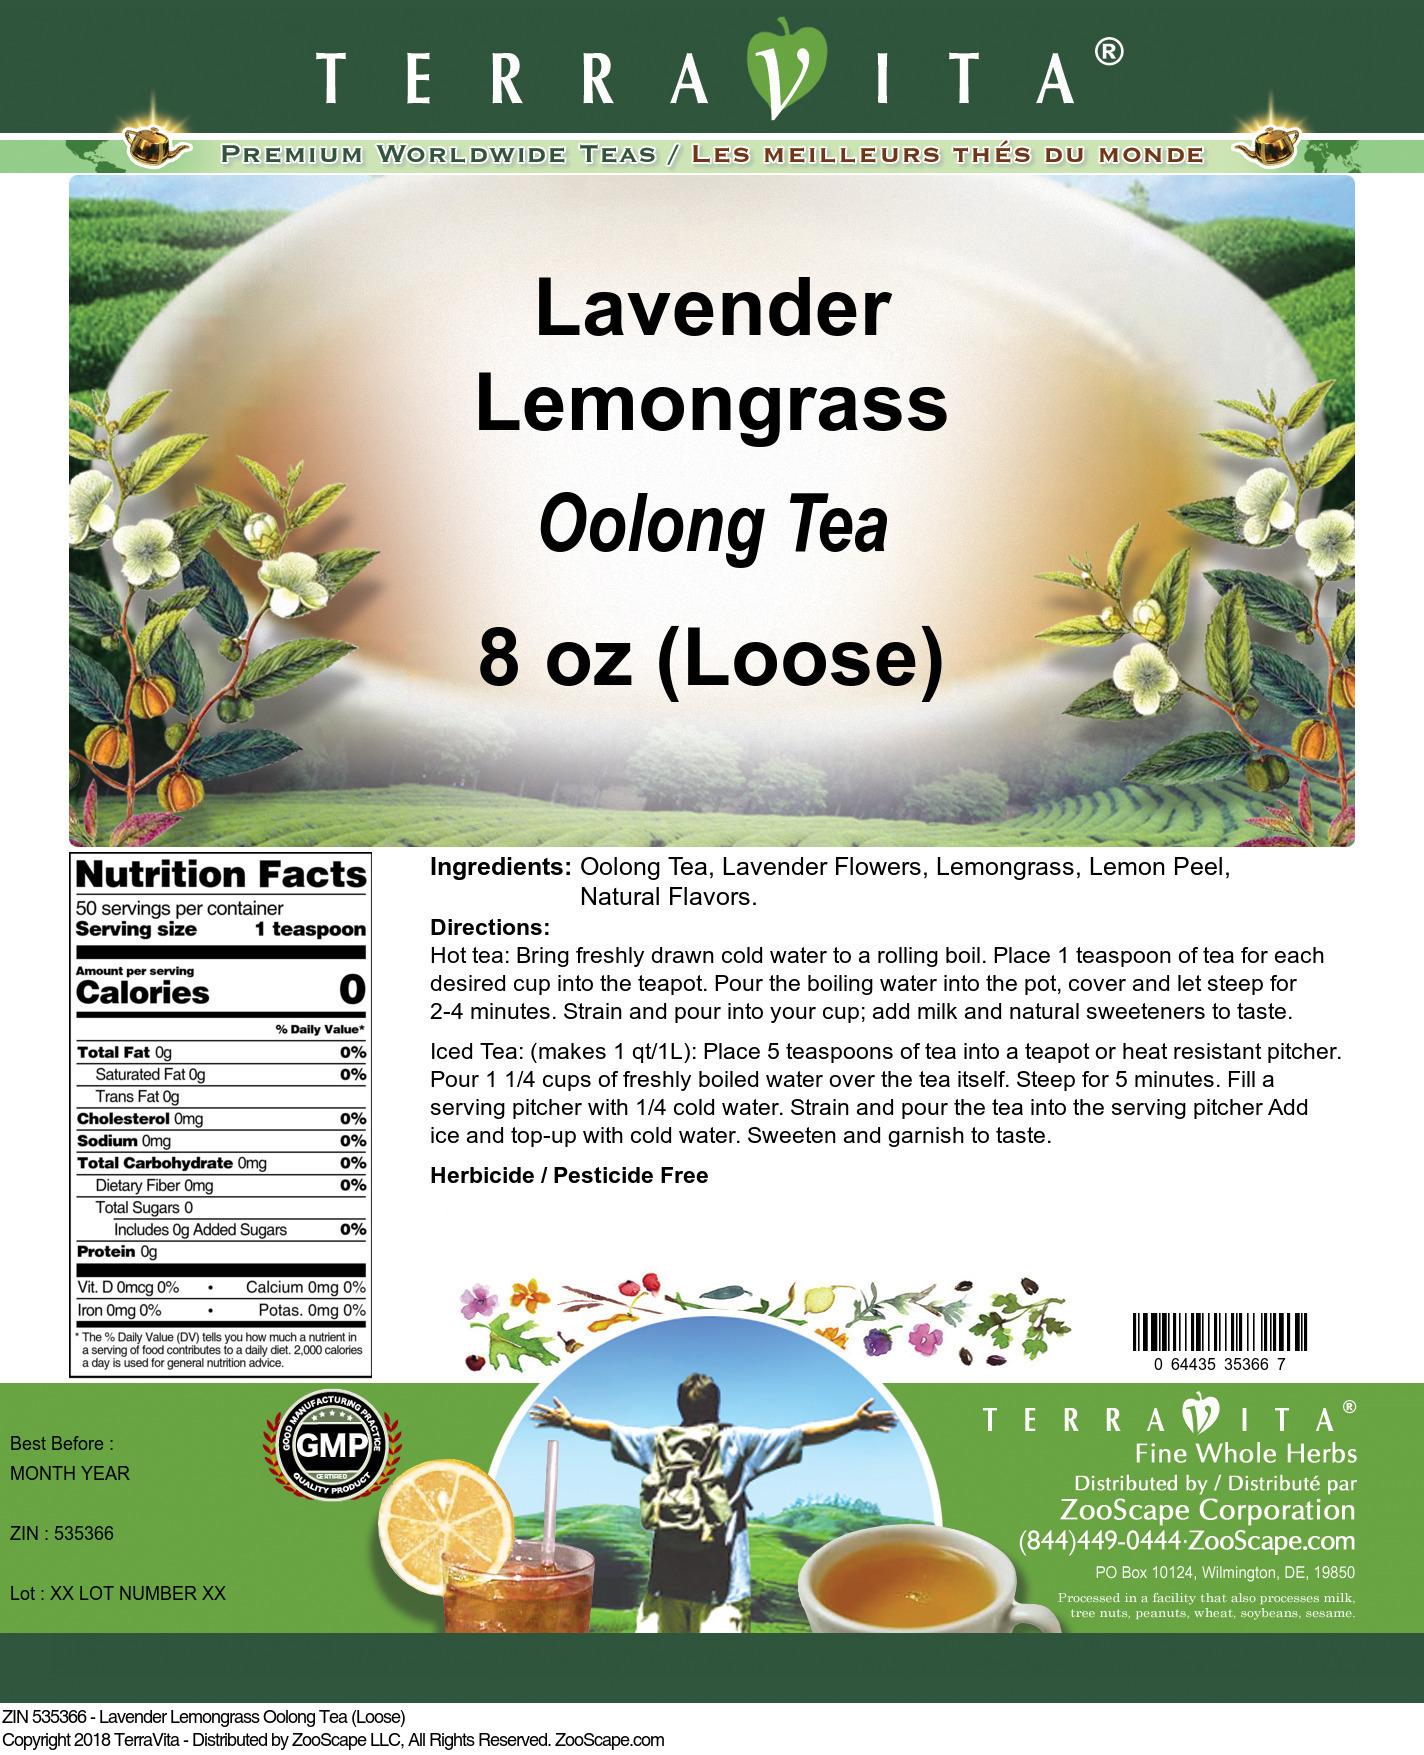 Lavender Lemongrass Oolong Tea (Loose)